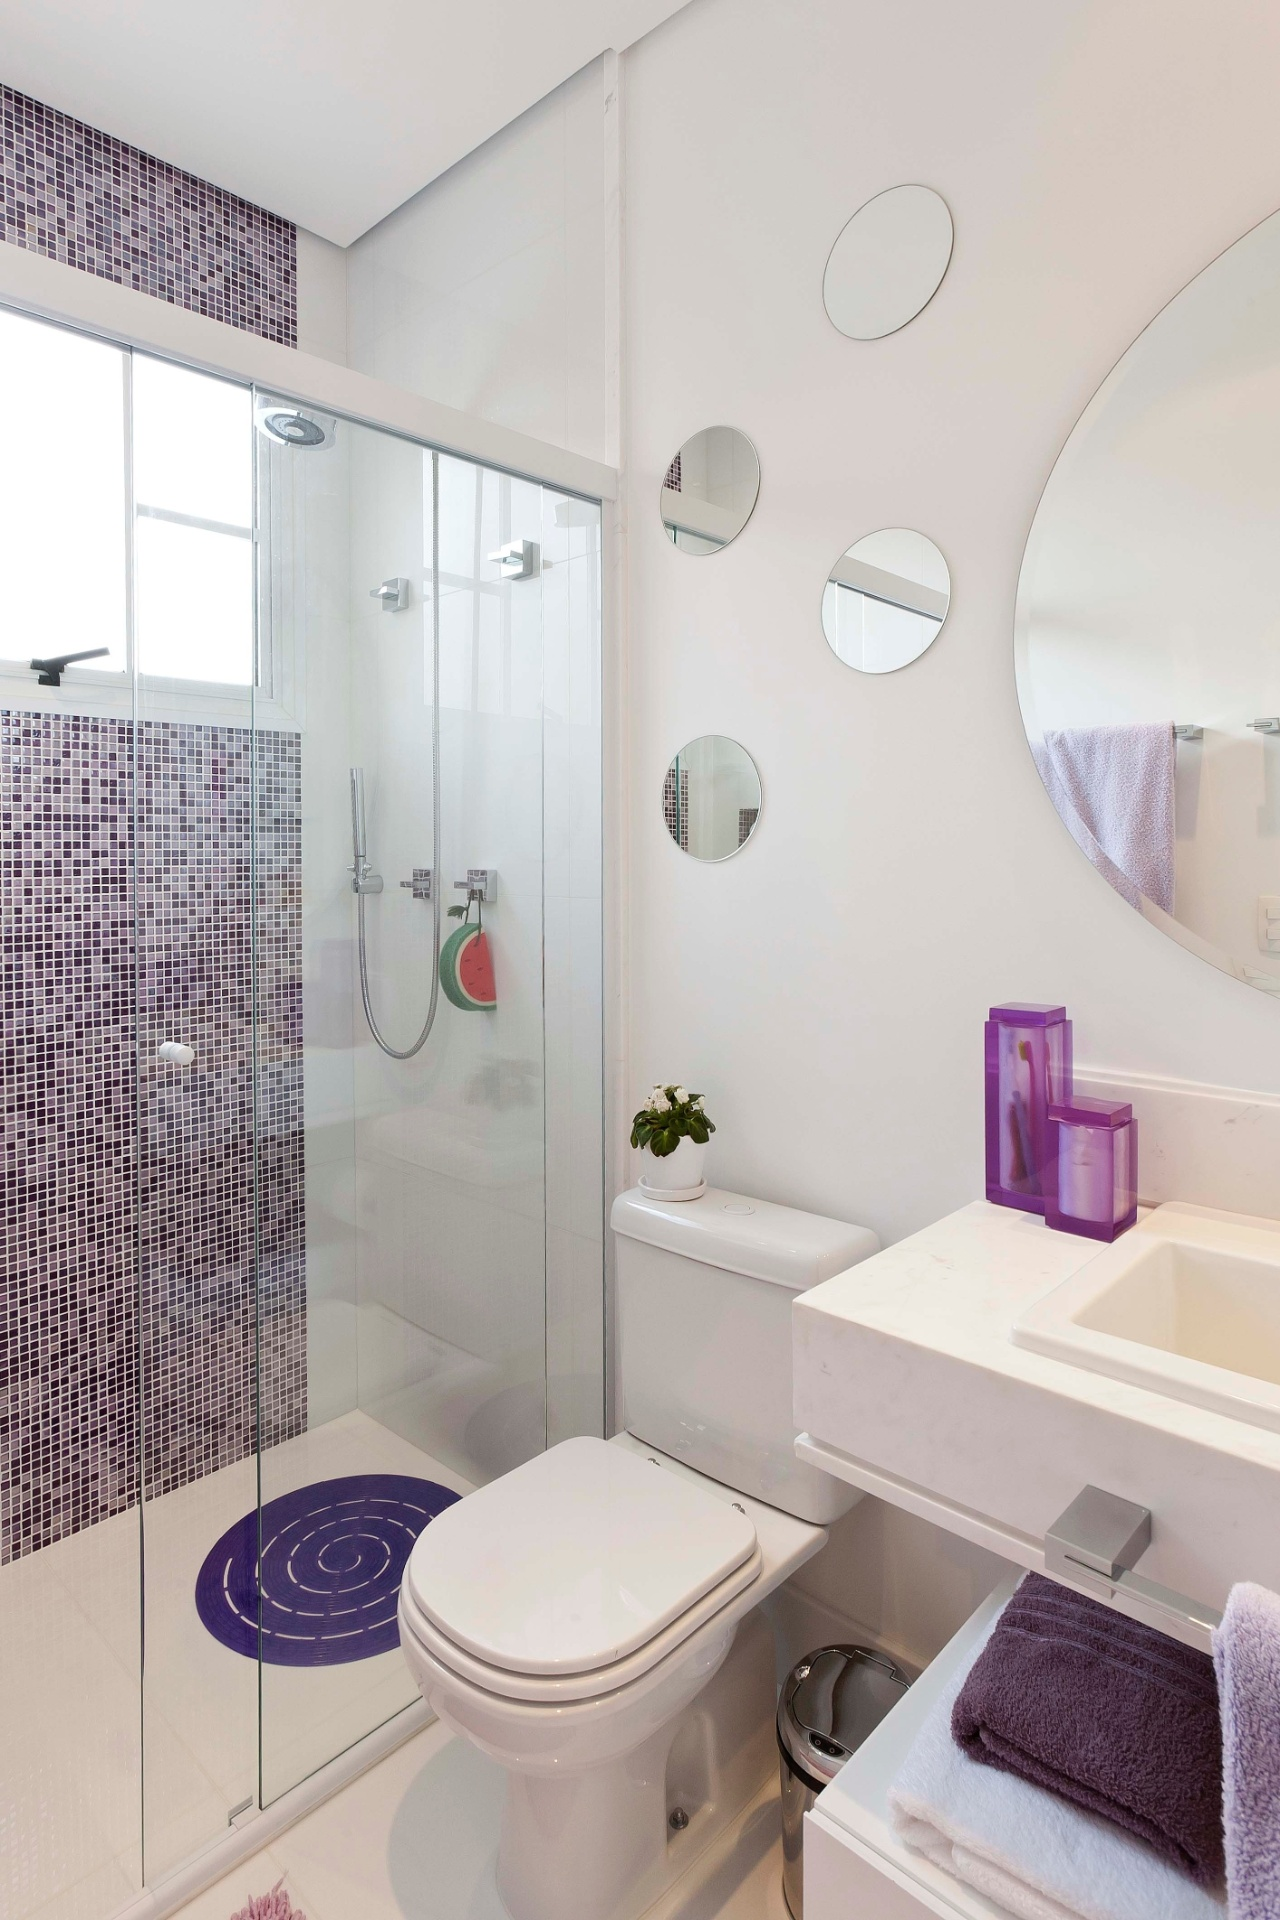 Banheiros pequenos dicas de decoração para quem tem pouco espaço  BOL Fotos -> Sugestoes Banheiro Pequeno